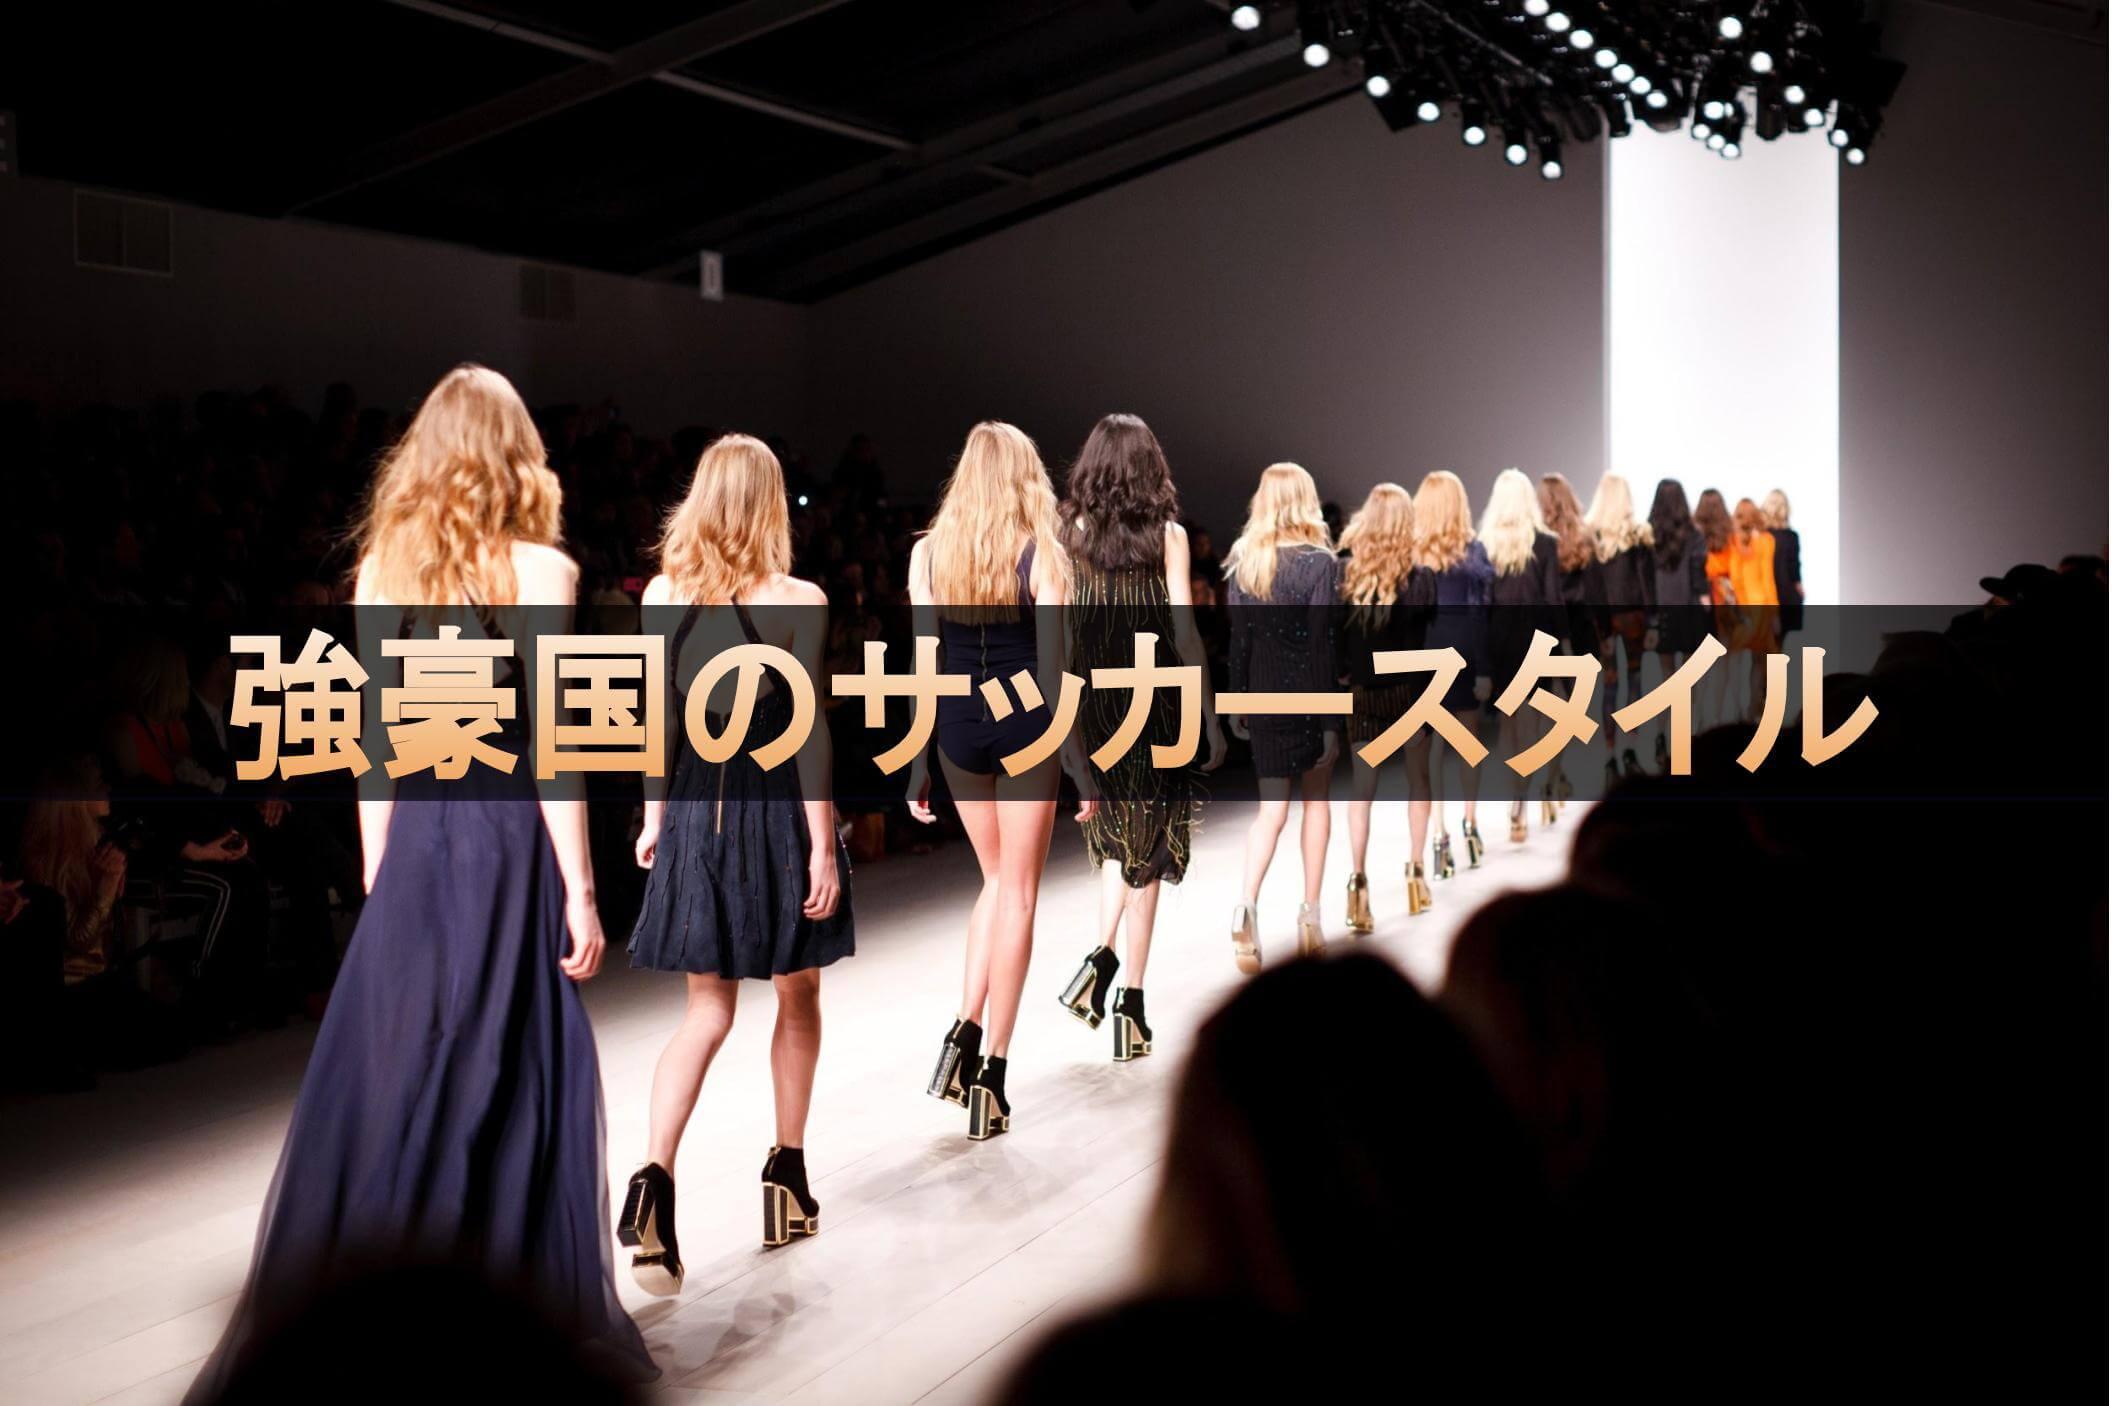 ファッションショー 強豪国のサッカースタイル